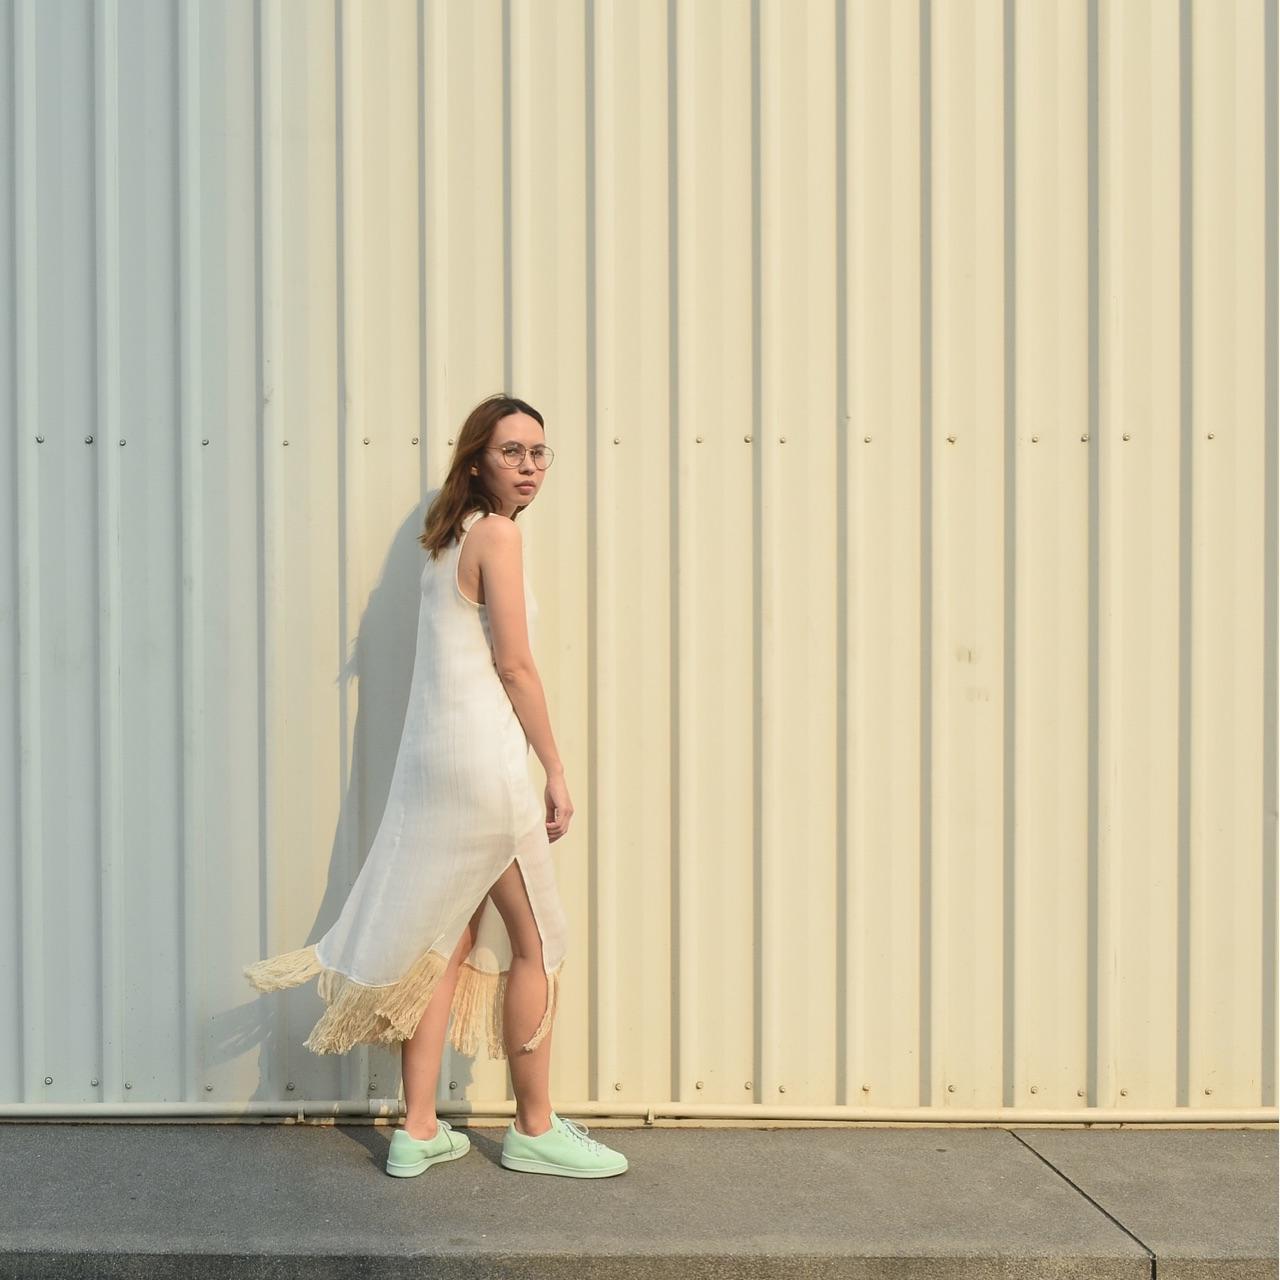 เดรส,เดรสสั้น,เดรสแขนกุด,เสื้อผ้าผู้หญิง